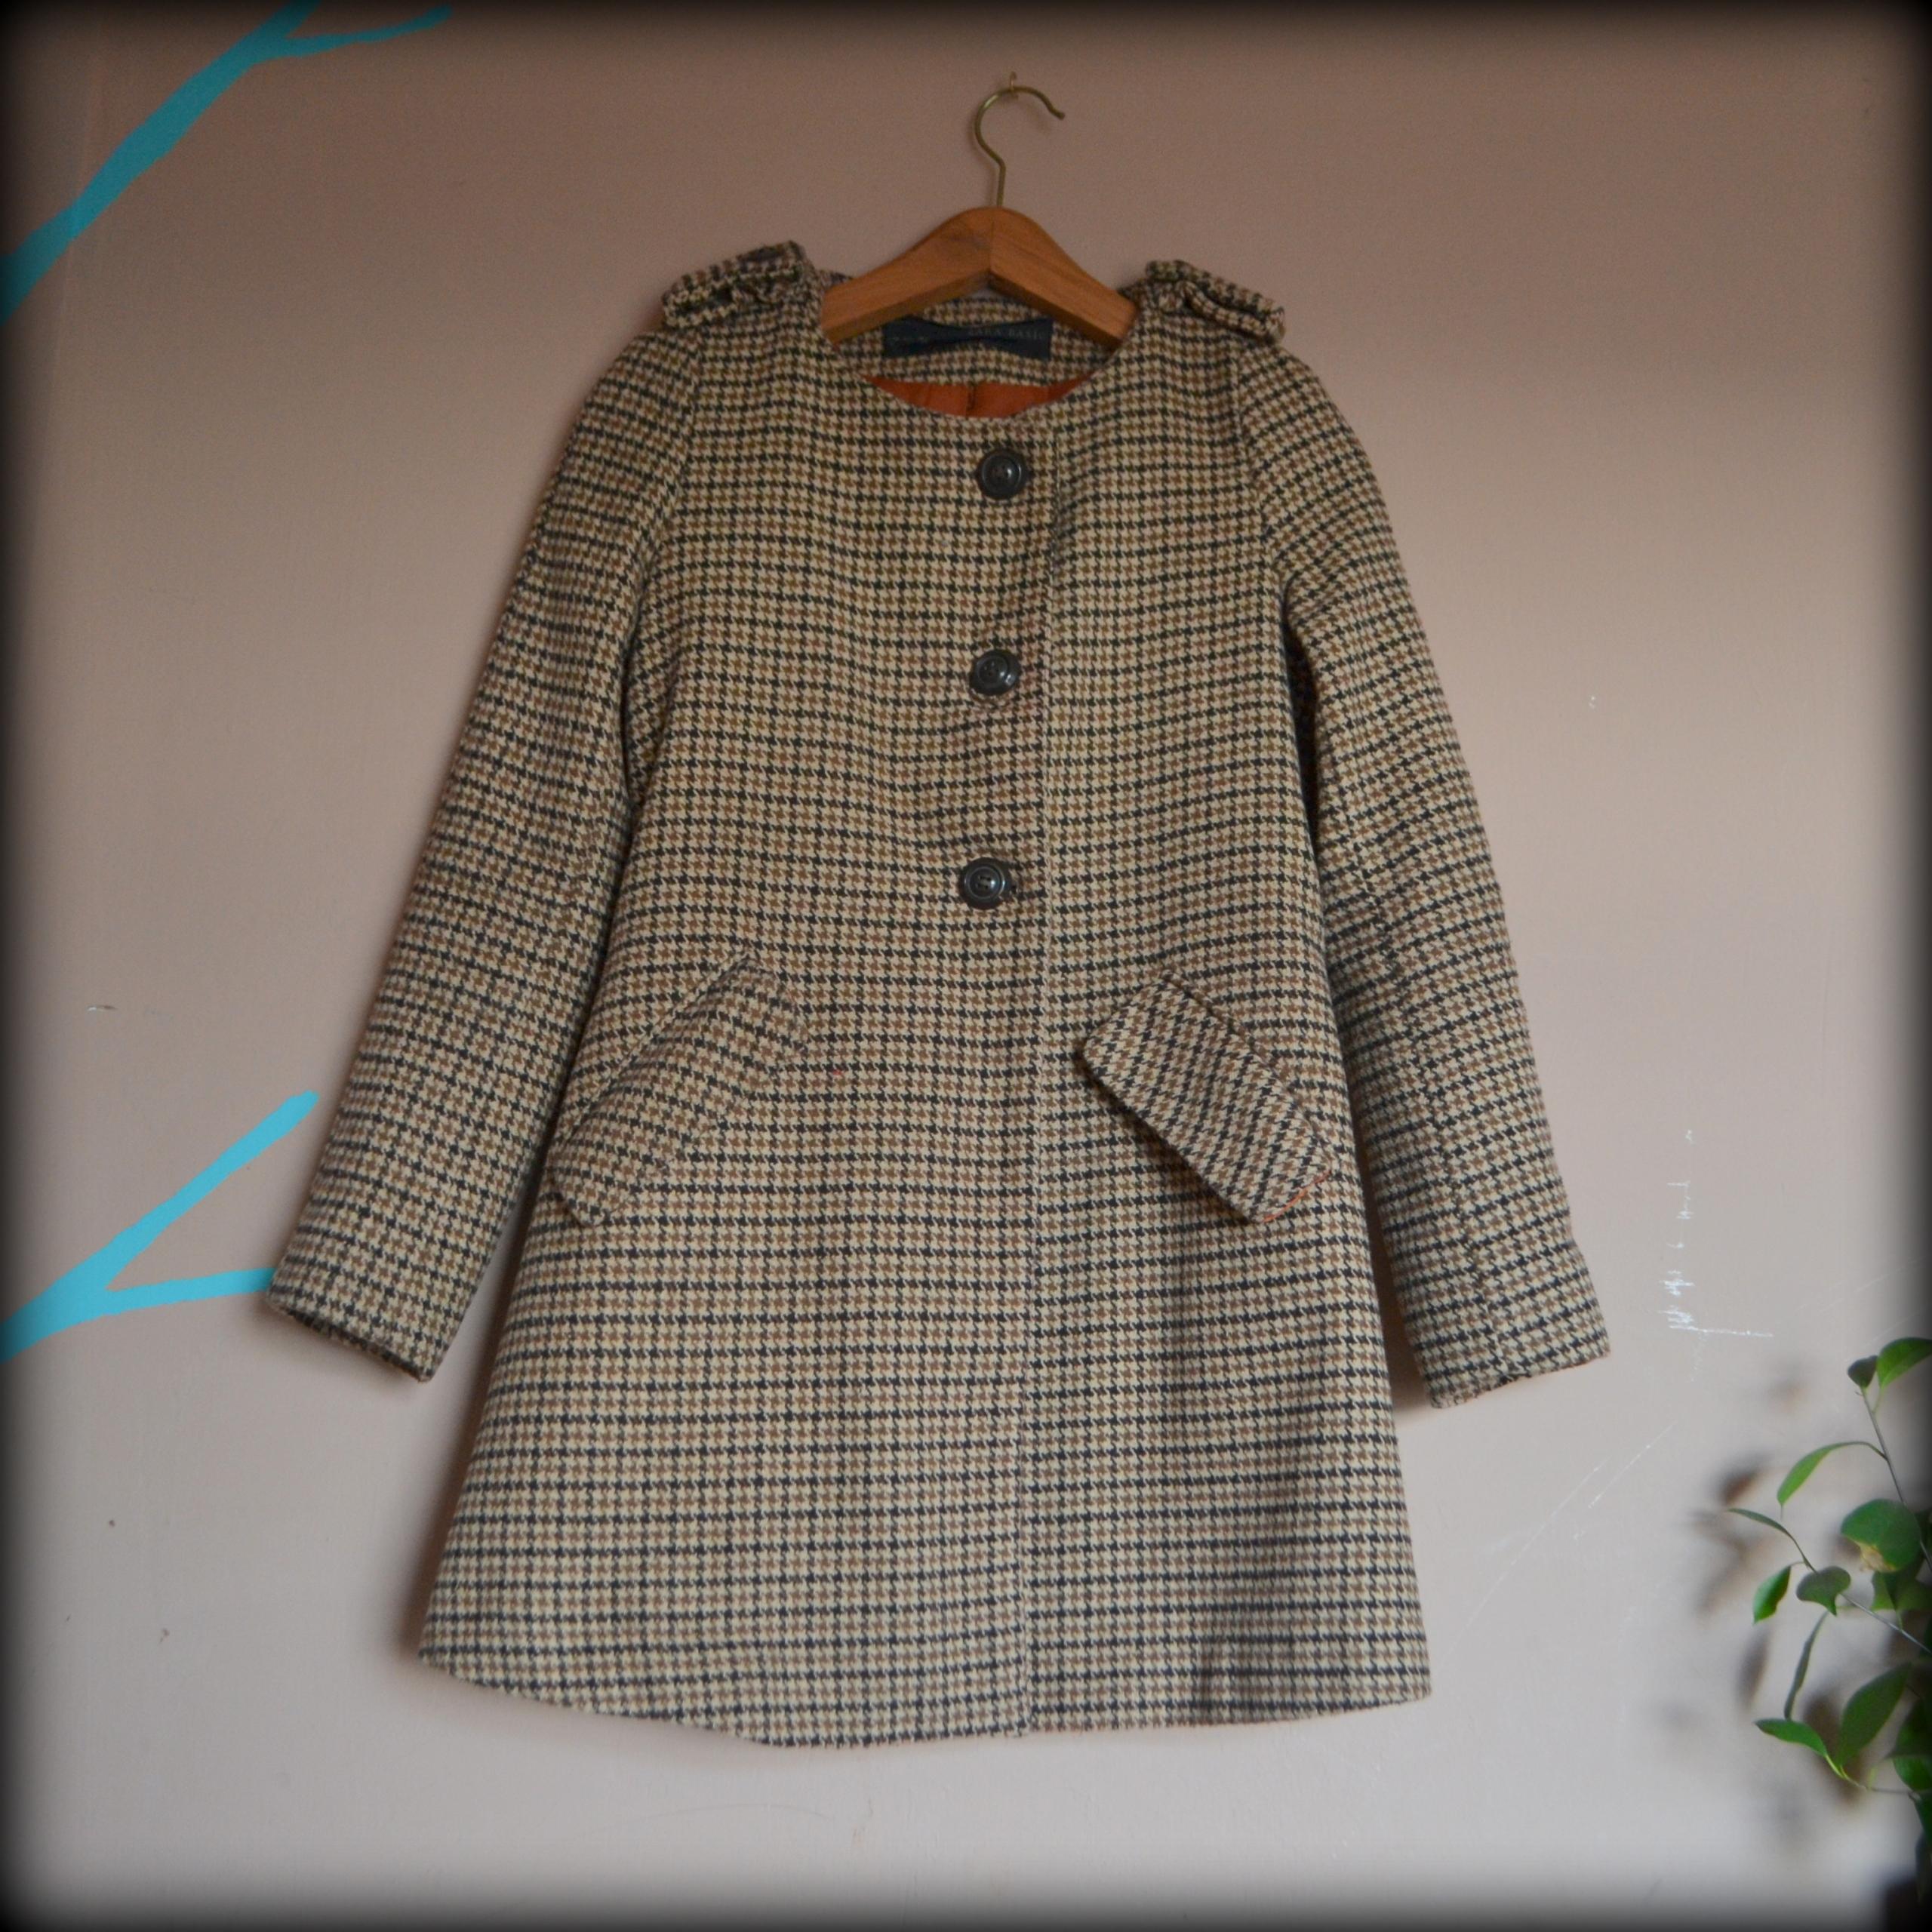 0ec7ccf2d Płaszcz w kratę, trendy wełna pepitka , Zara r. S - 7686506275 ...